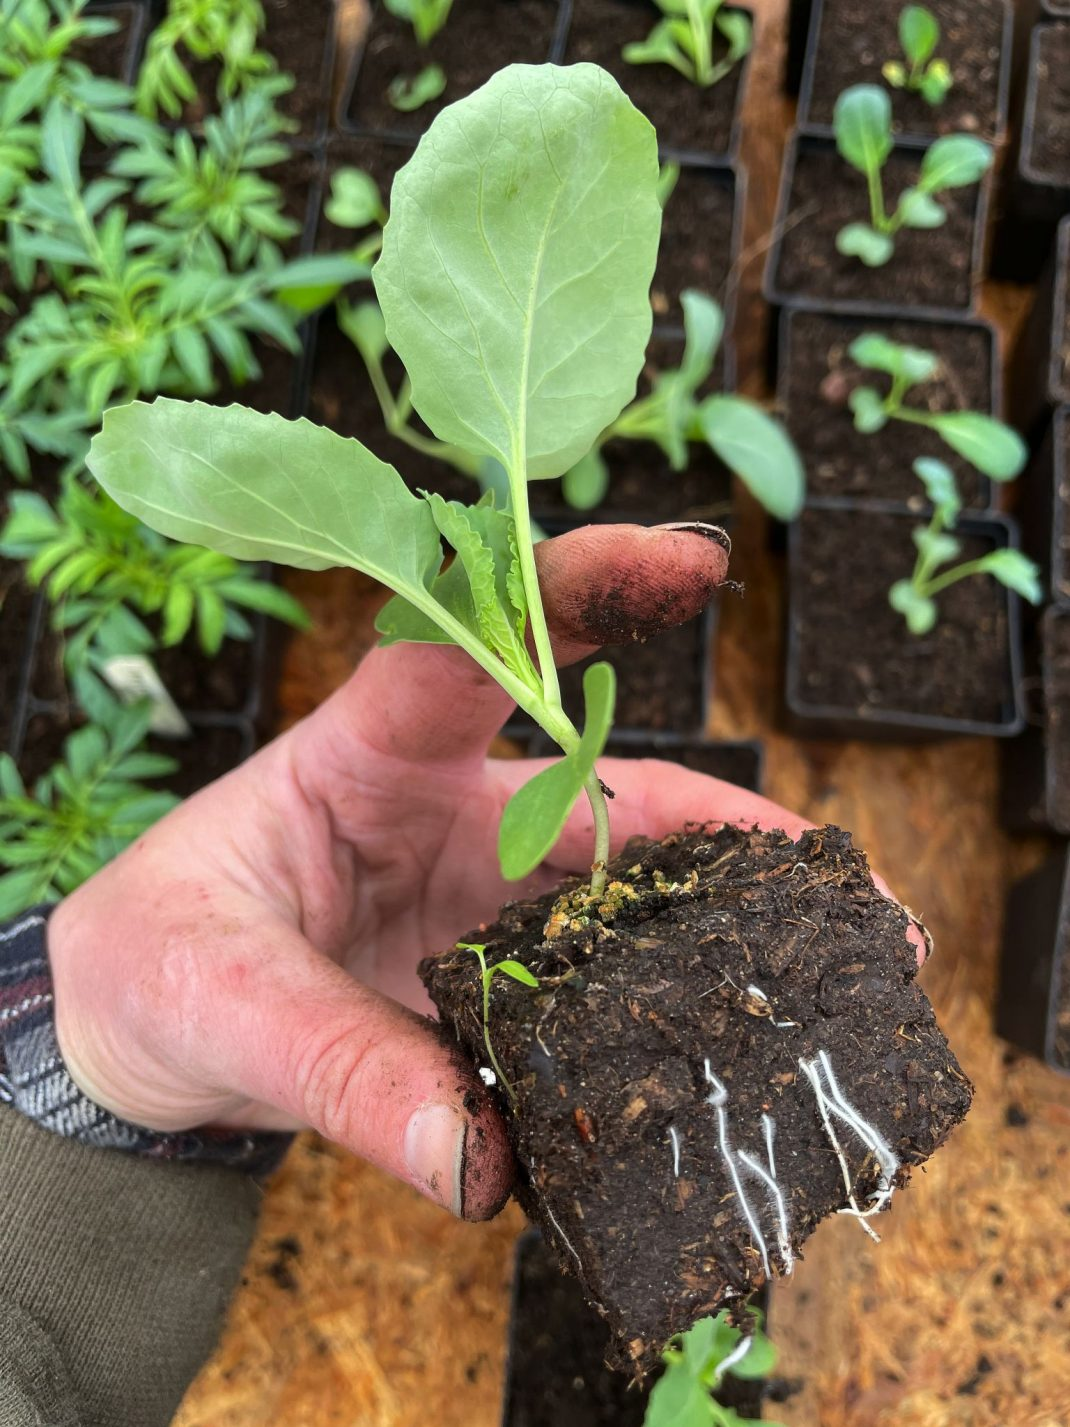 En hand håller en liten kålplanta.